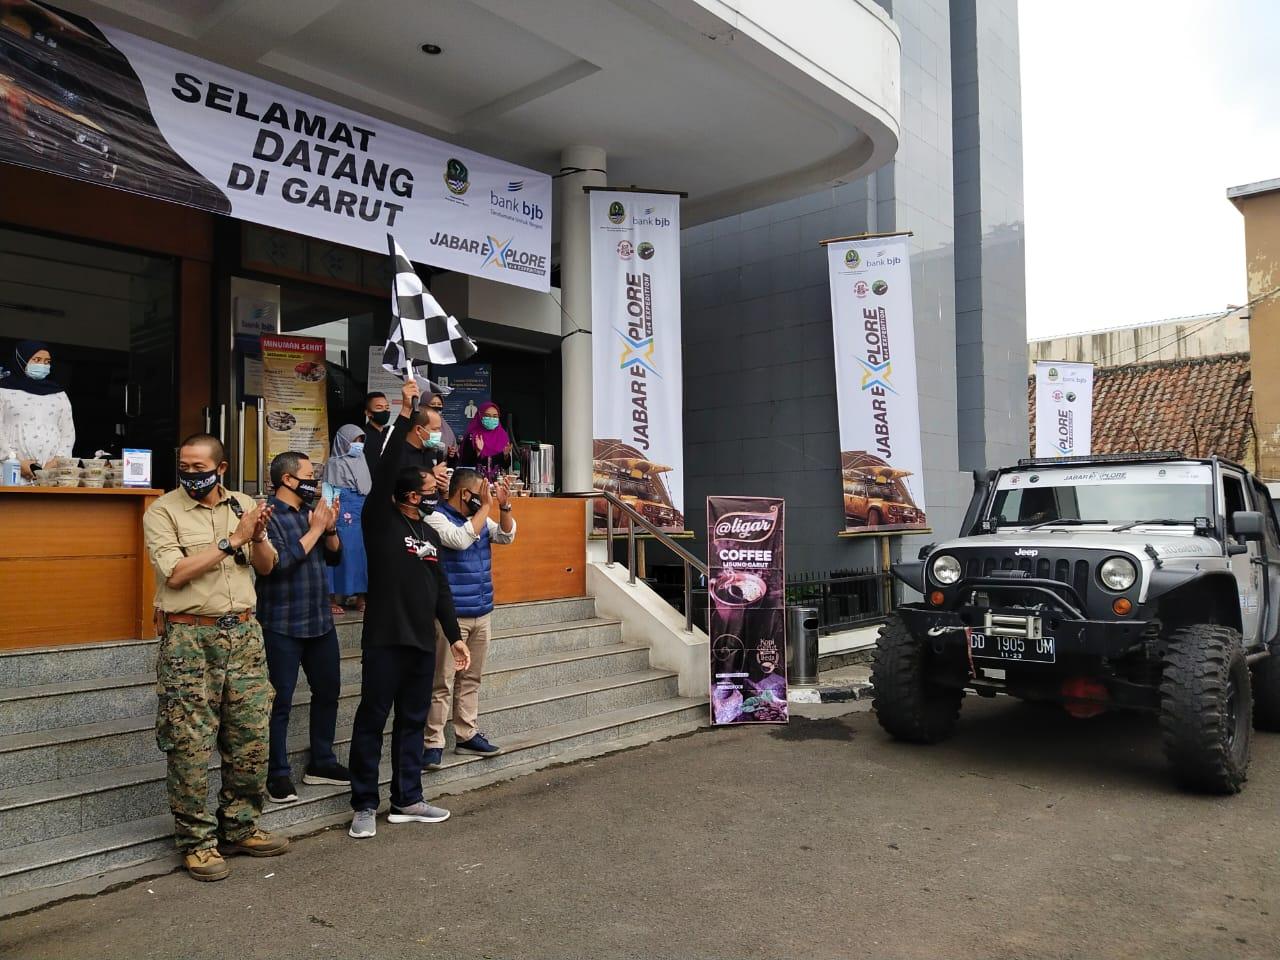 Dukung Explorasi Wisata di Jawa barat, Kacab BJB Garut ...